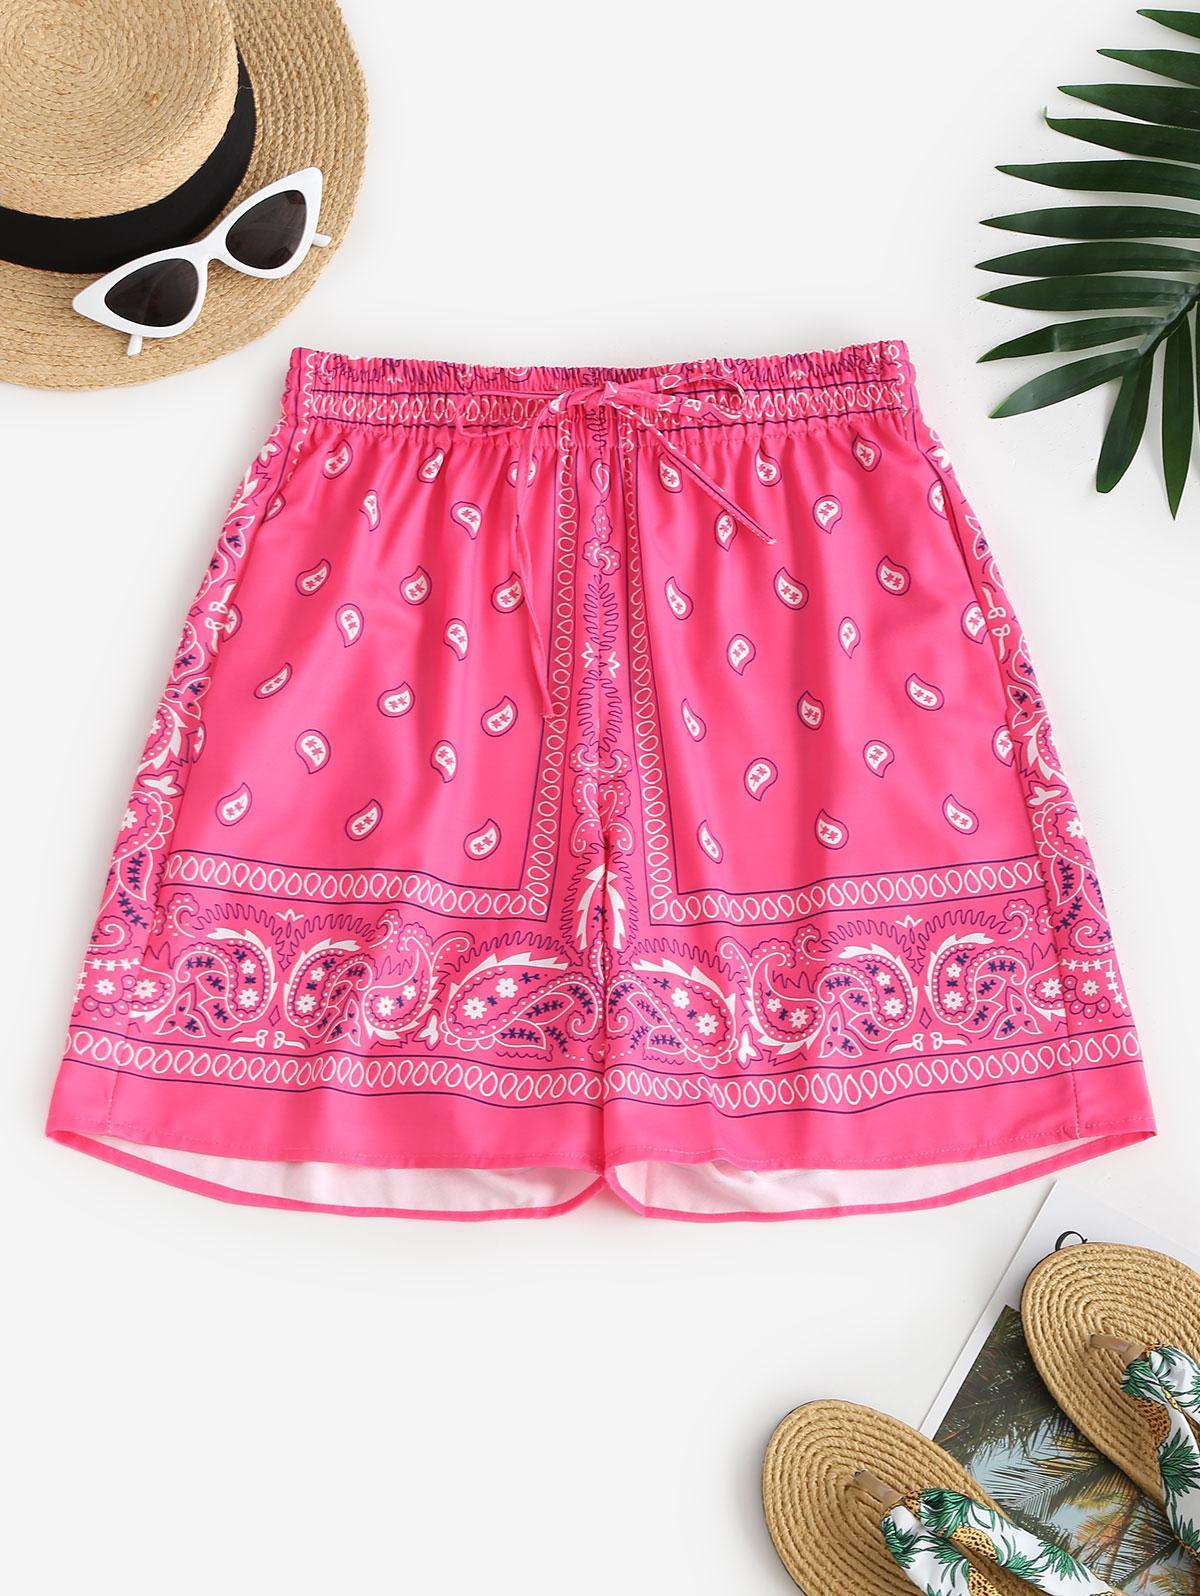 Paisley Print High Waisted Pocket Shorts